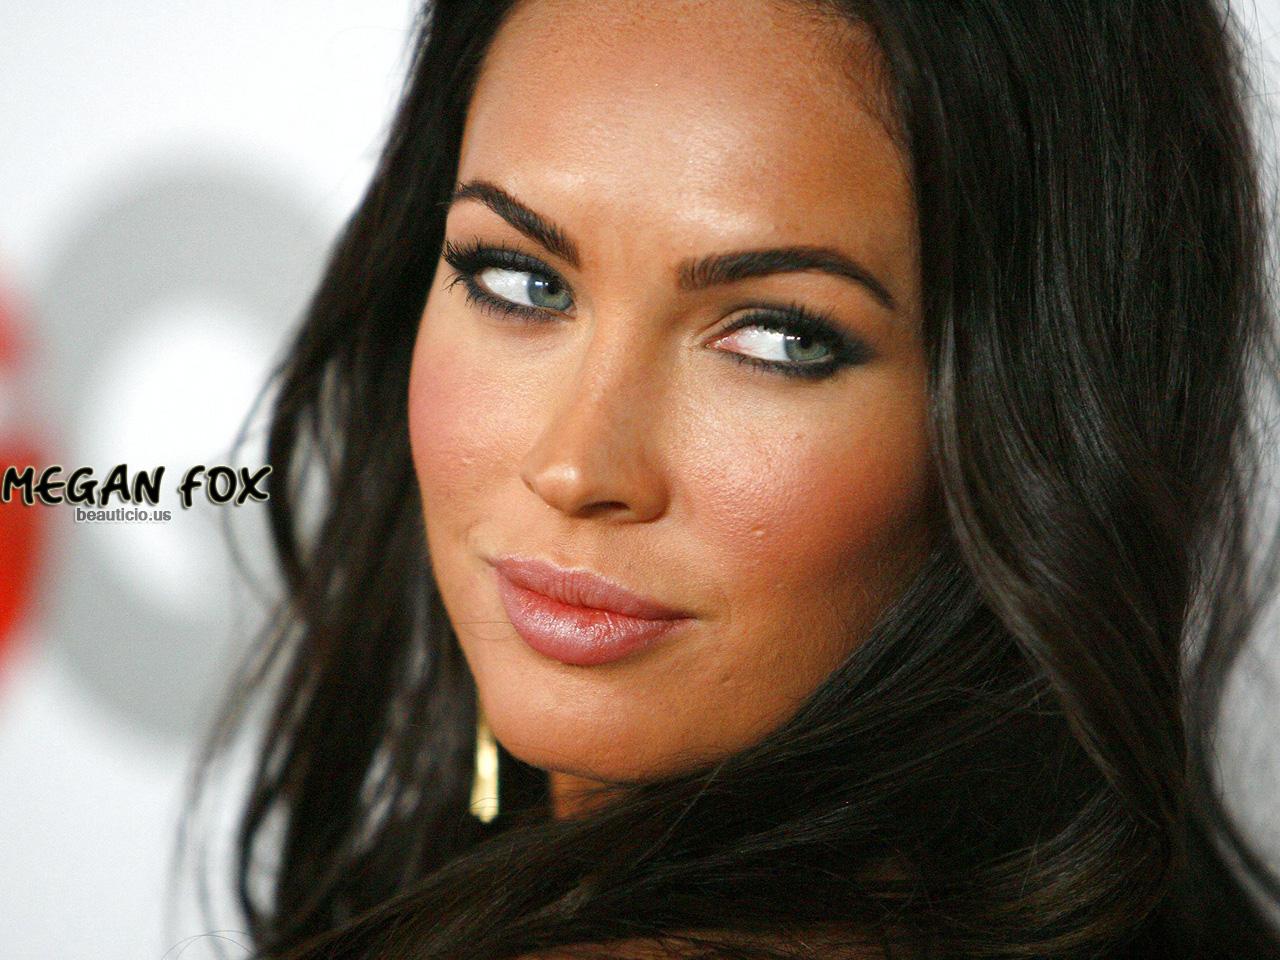 http://4.bp.blogspot.com/-IX08kYTQsT0/T-DtfckxGHI/AAAAAAAAAWA/c0z4-hUDg8Y/s1600/megan_fox_imdb.jpg